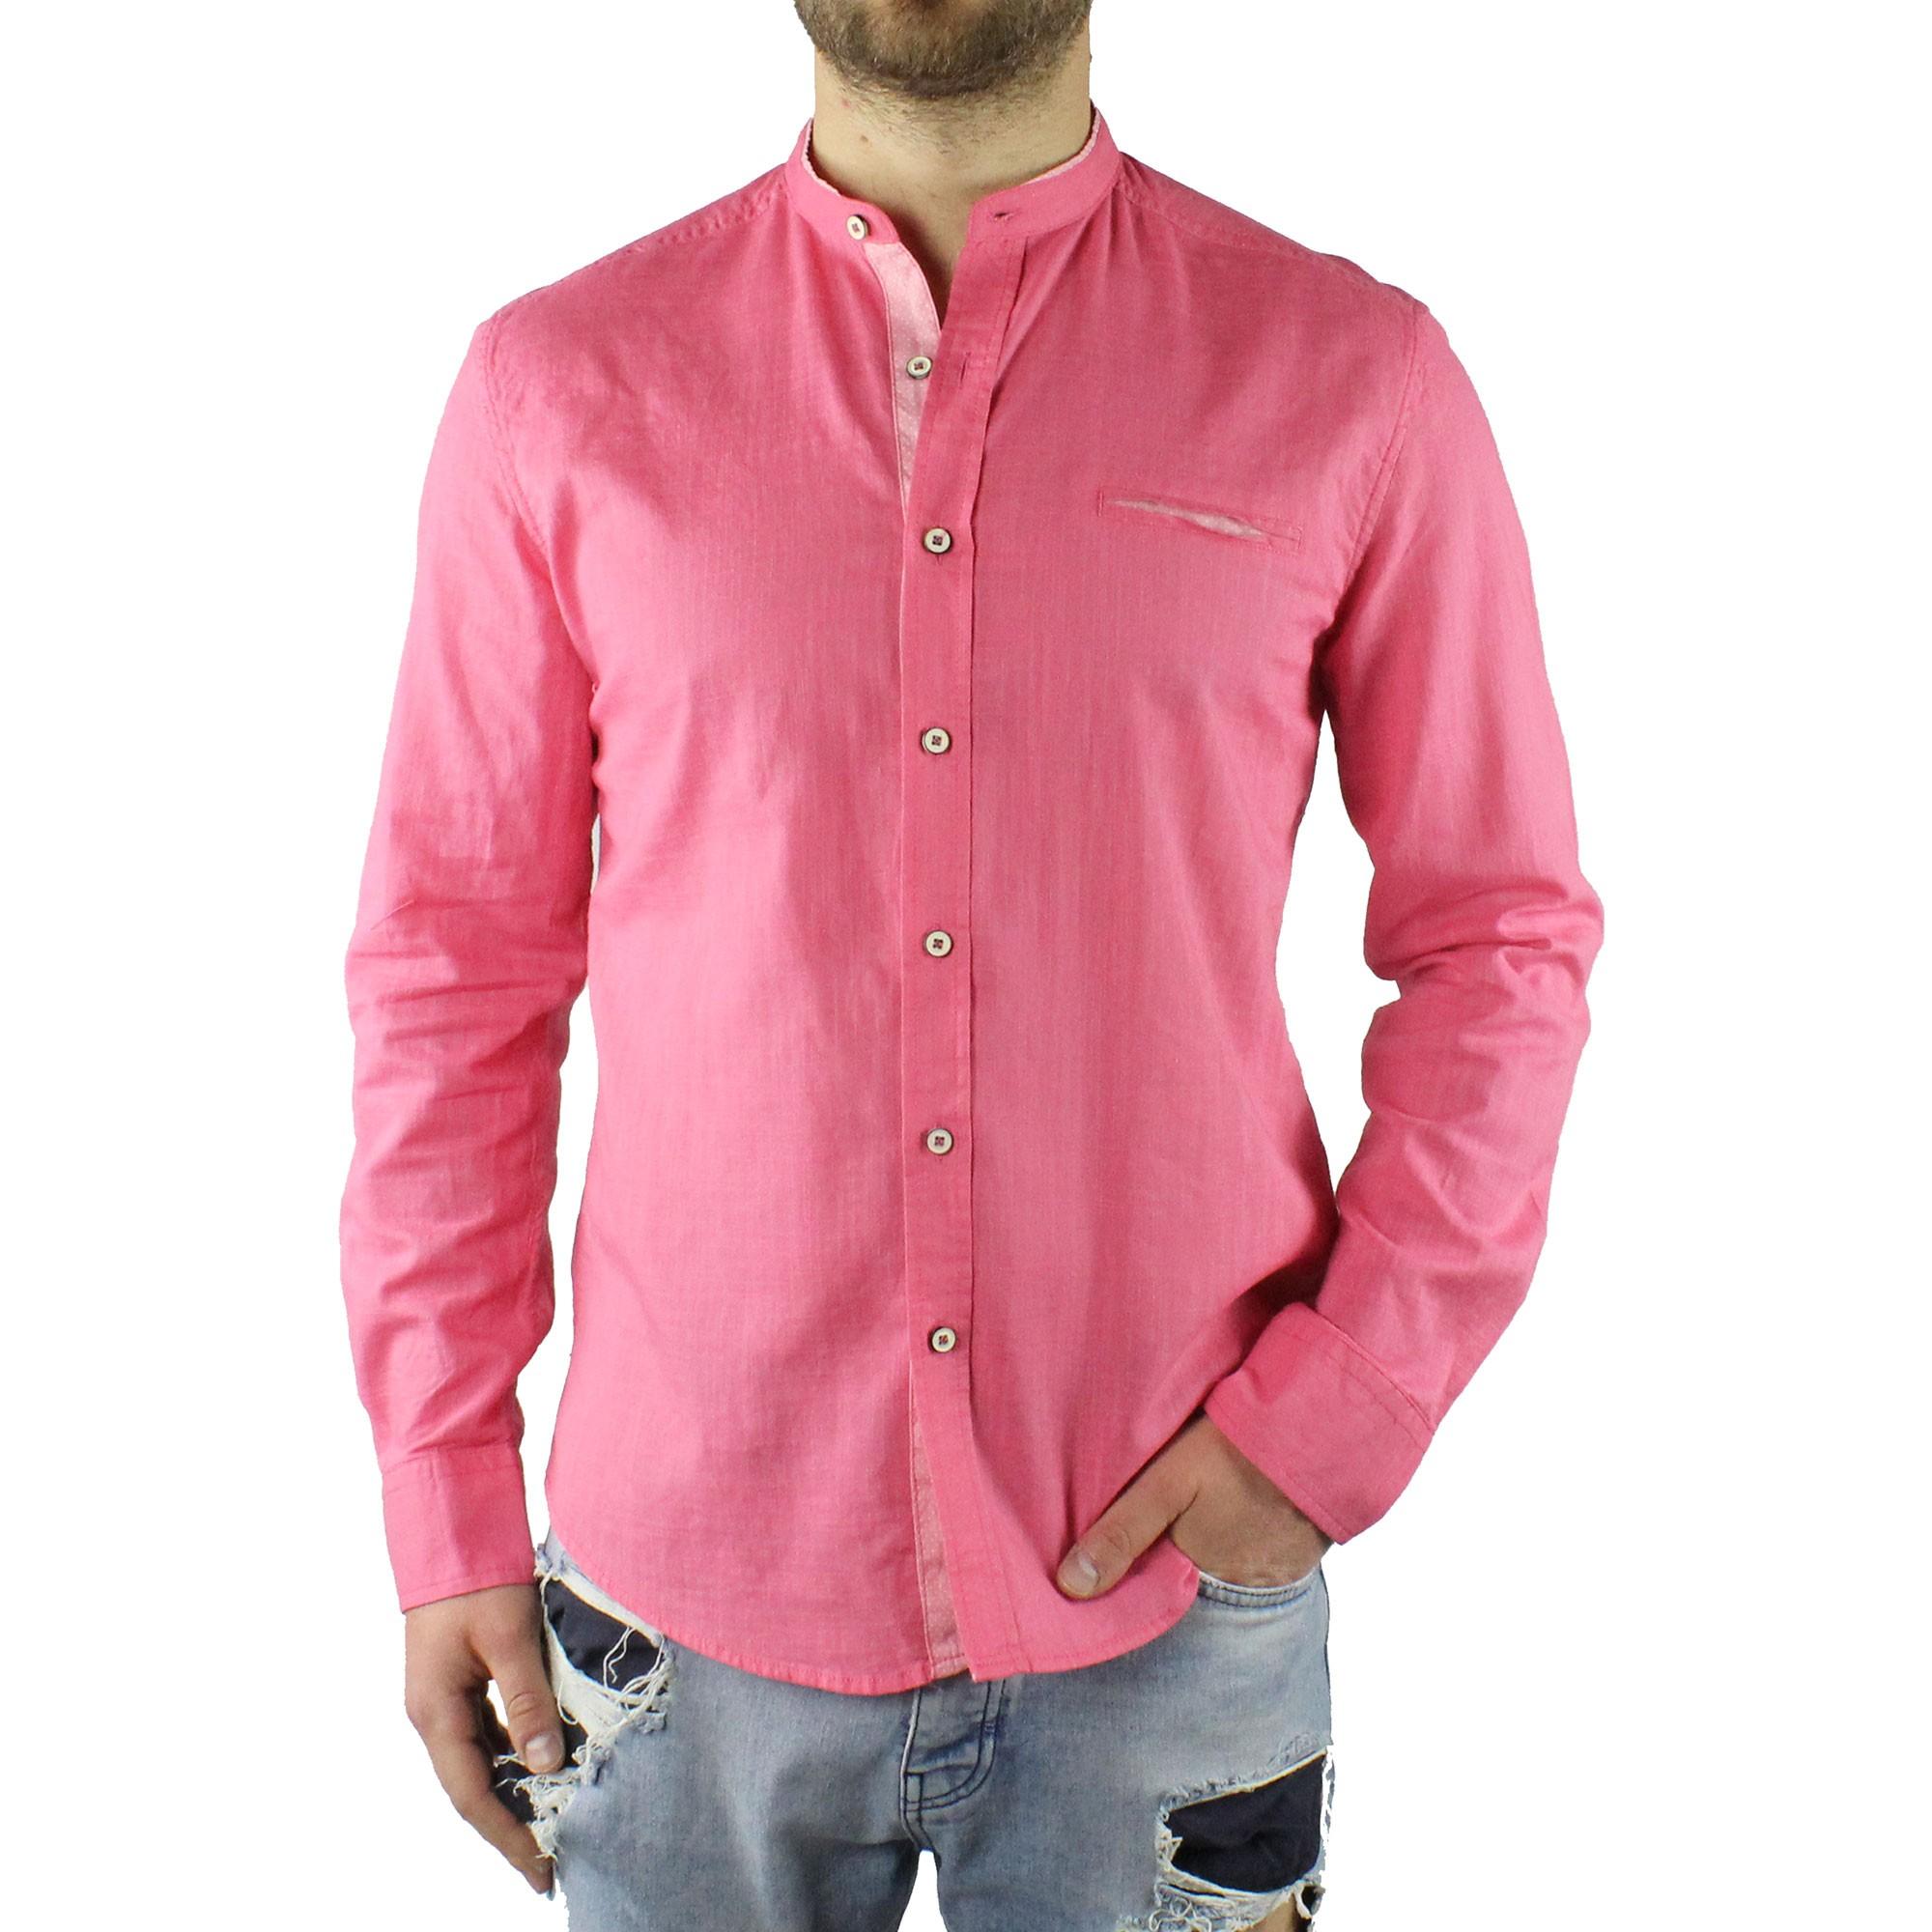 Camicia-Uomo-Collo-Coreana-Cotone-Casual-Slim-Fit-Manica-Lunga-Sartoriale-Estiva miniatura 9